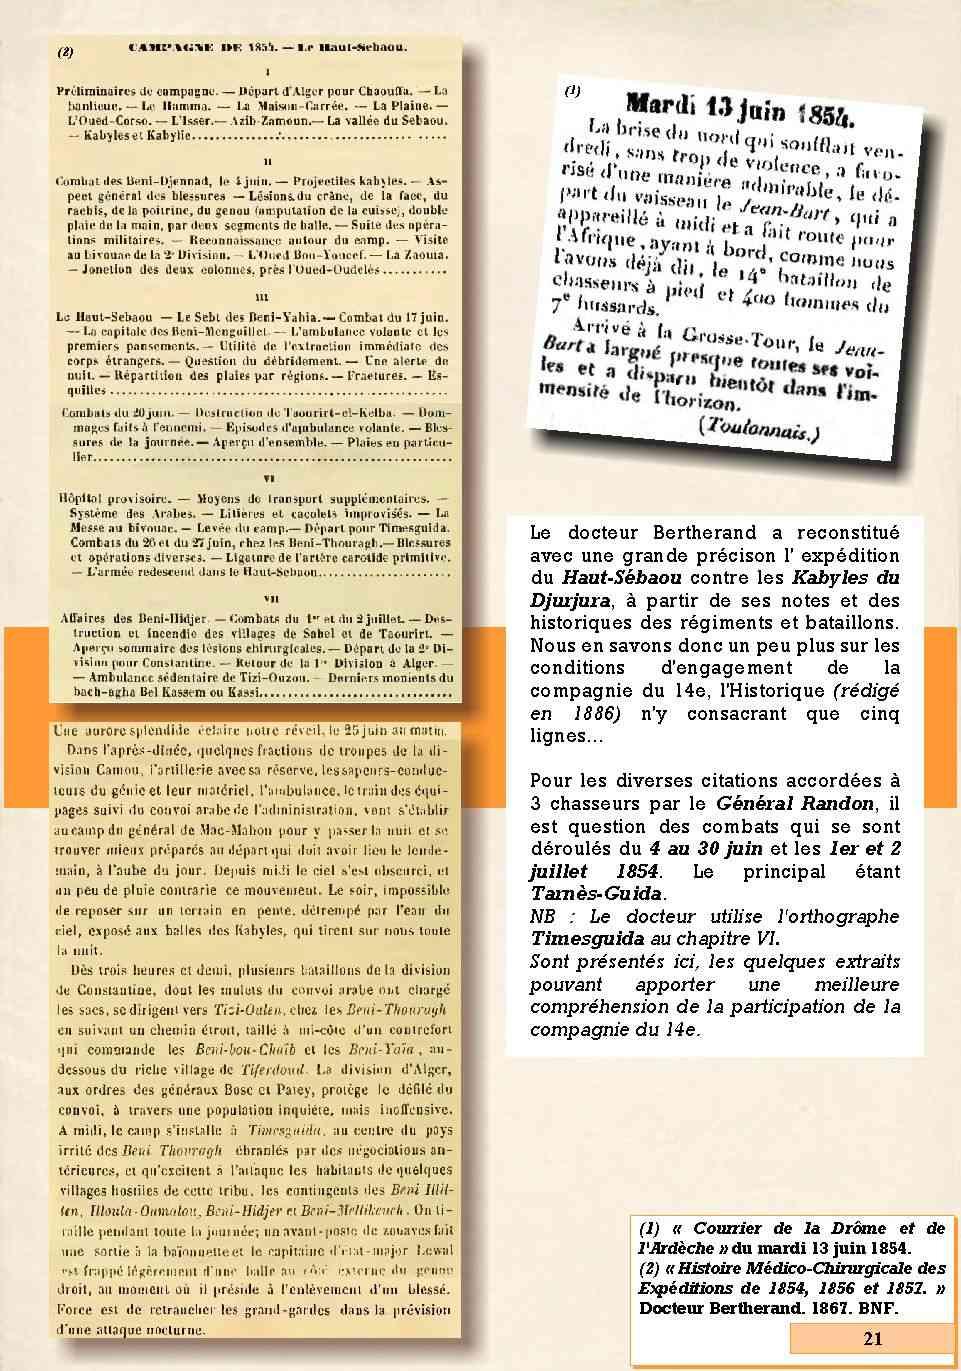 L'Historique du 14e Bataillon de Chasseurs. 1854 - 1962 Page_213